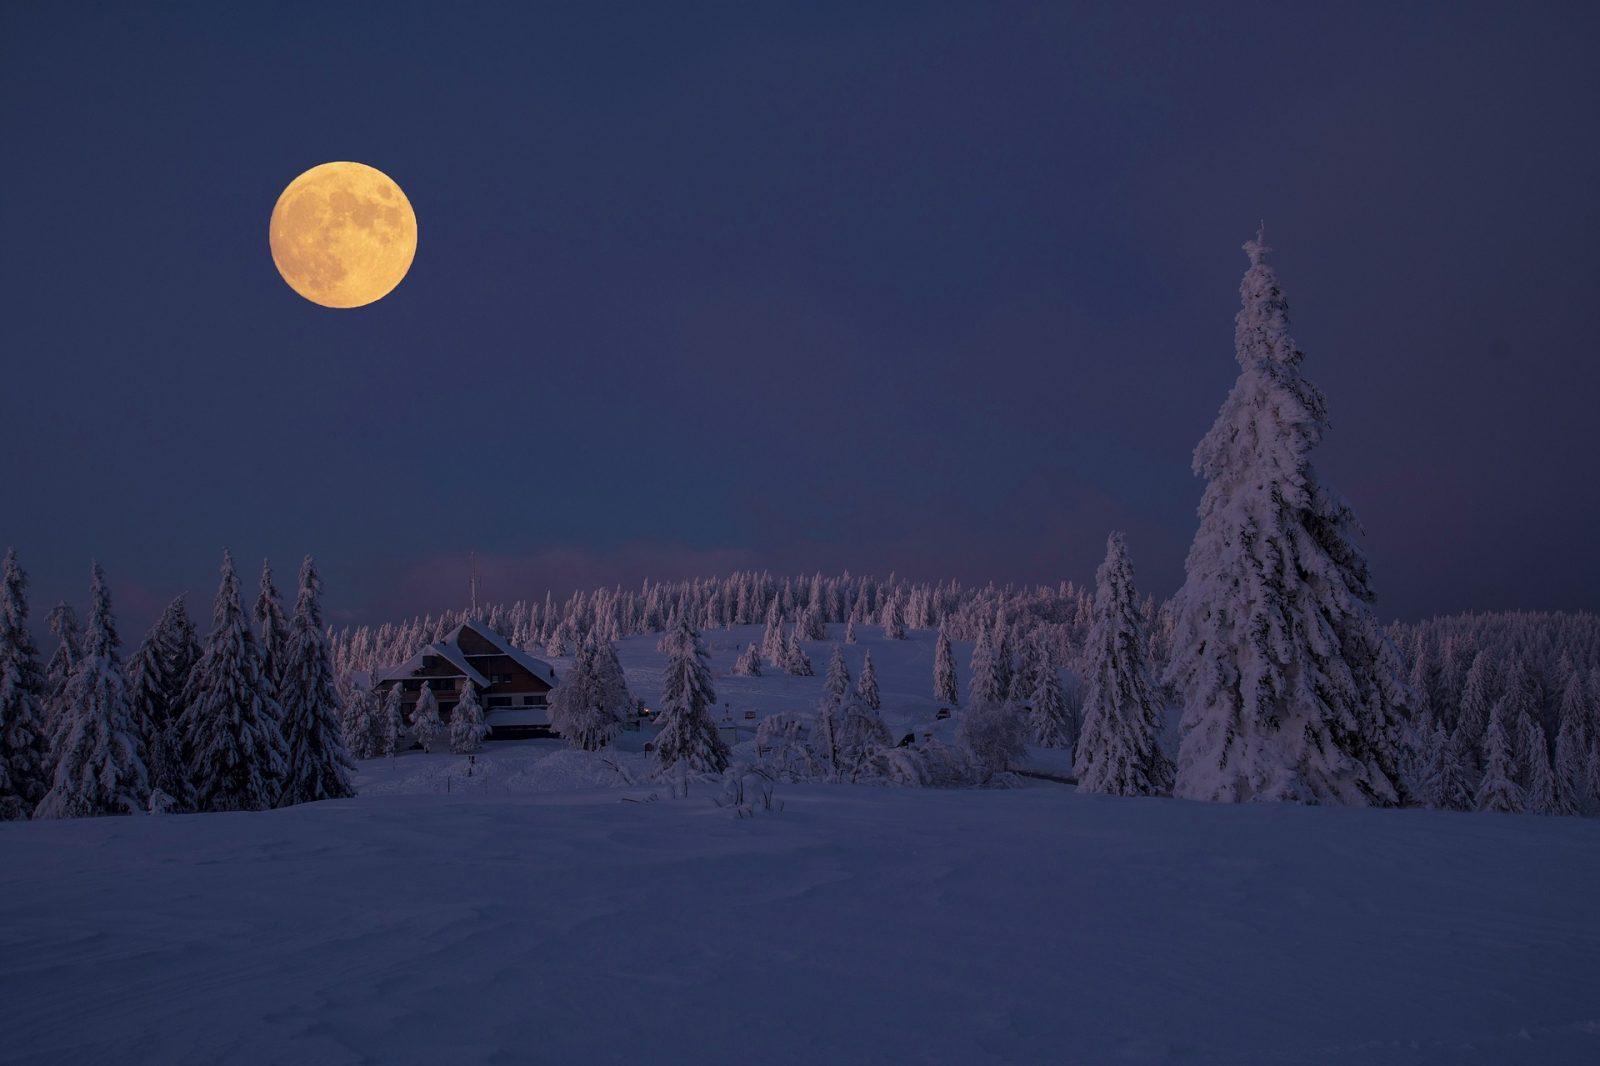 Pour la St-Valentin, offrez-vous un clair de lune